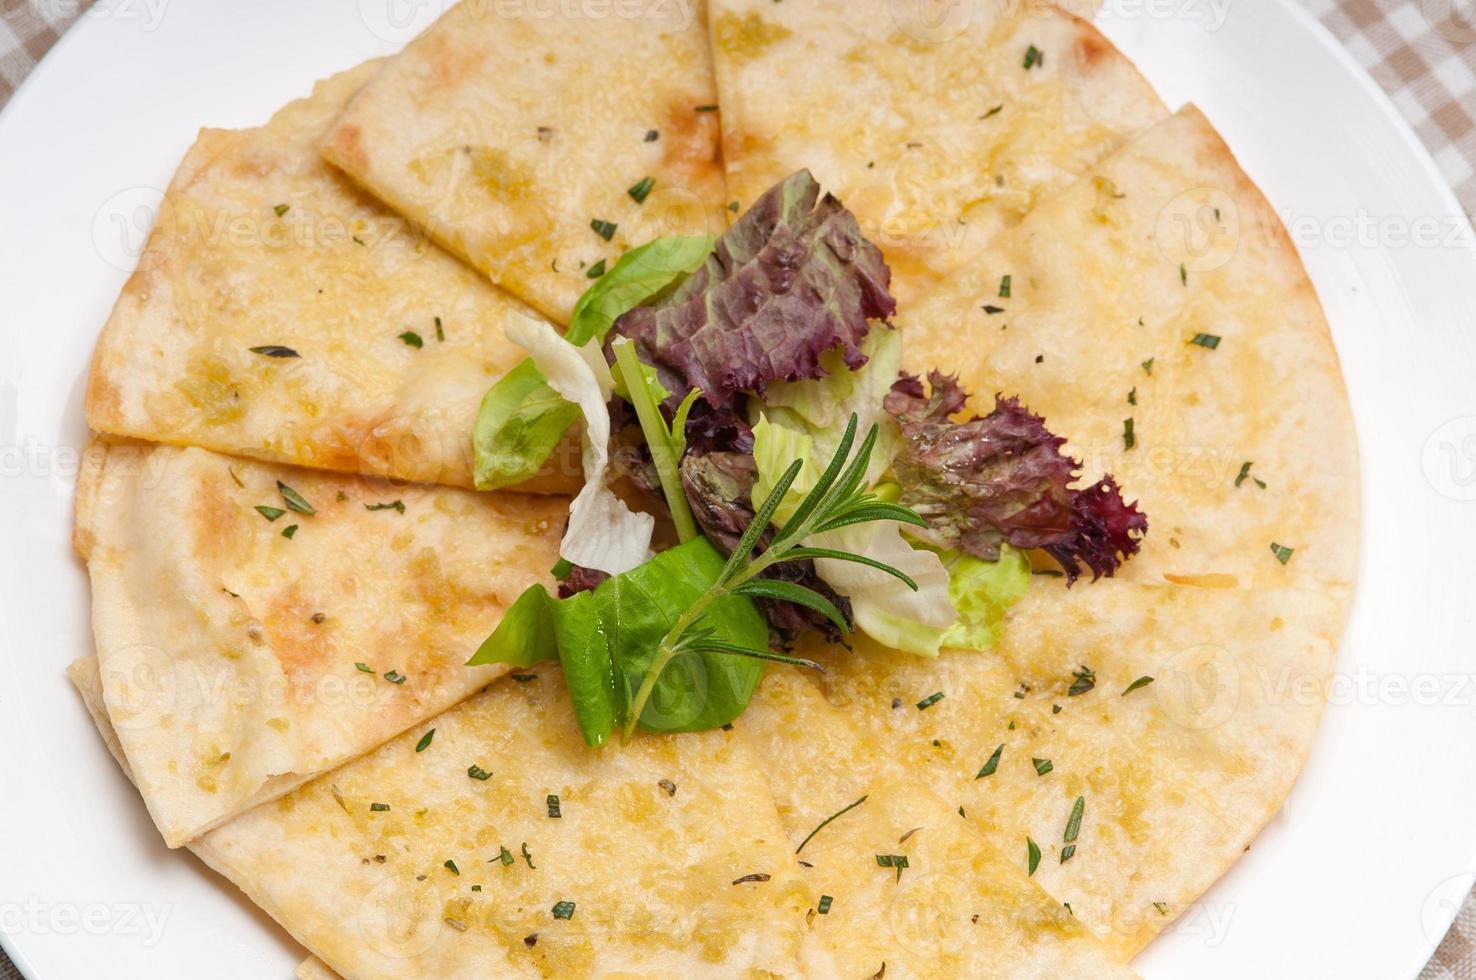 pizza de pão pita de alho com salada por cima foto